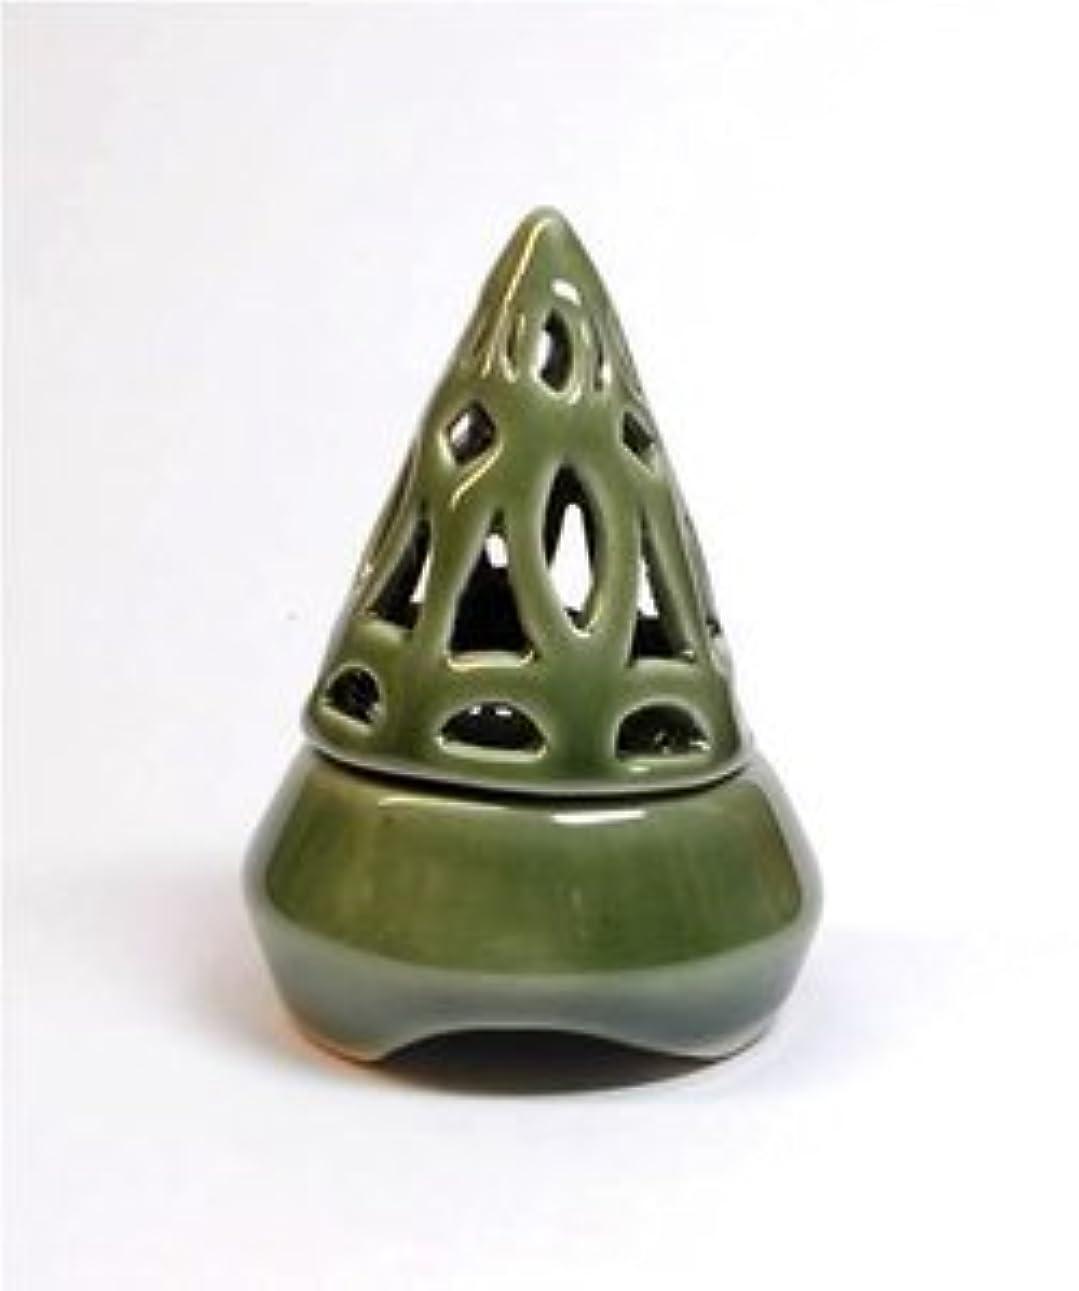 申込みグリップブッシュ香炉コーン型 緑 インセンス ホルダー コーン用 お香立て アジアン雑貨